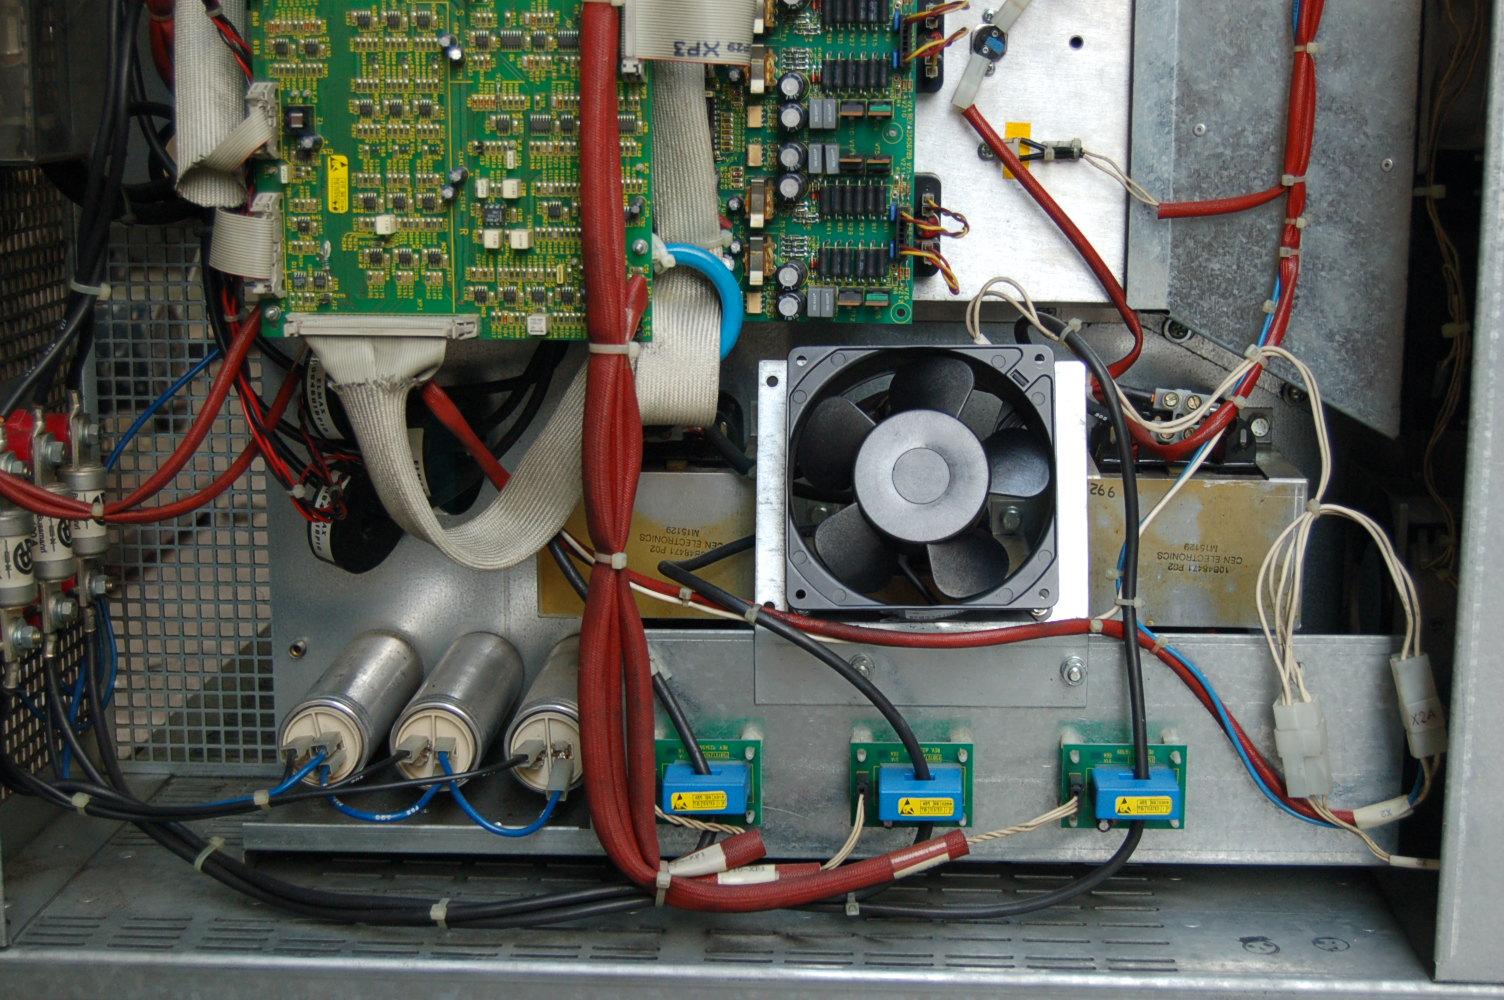 仔细一看那几个大的原来是电感,呵呵.不知道用的什么磁性,用在这上面不发热. 不知道他的功率主TOP是怎么样的. 看到那个大的电感,感觉极有可能采用的是SVPWM调制 ,另外他的DC240输入,要出来380V,没有升压的,应该做不到,但是升压的部分在哪里呢?使用什么方式做的升压的呢?